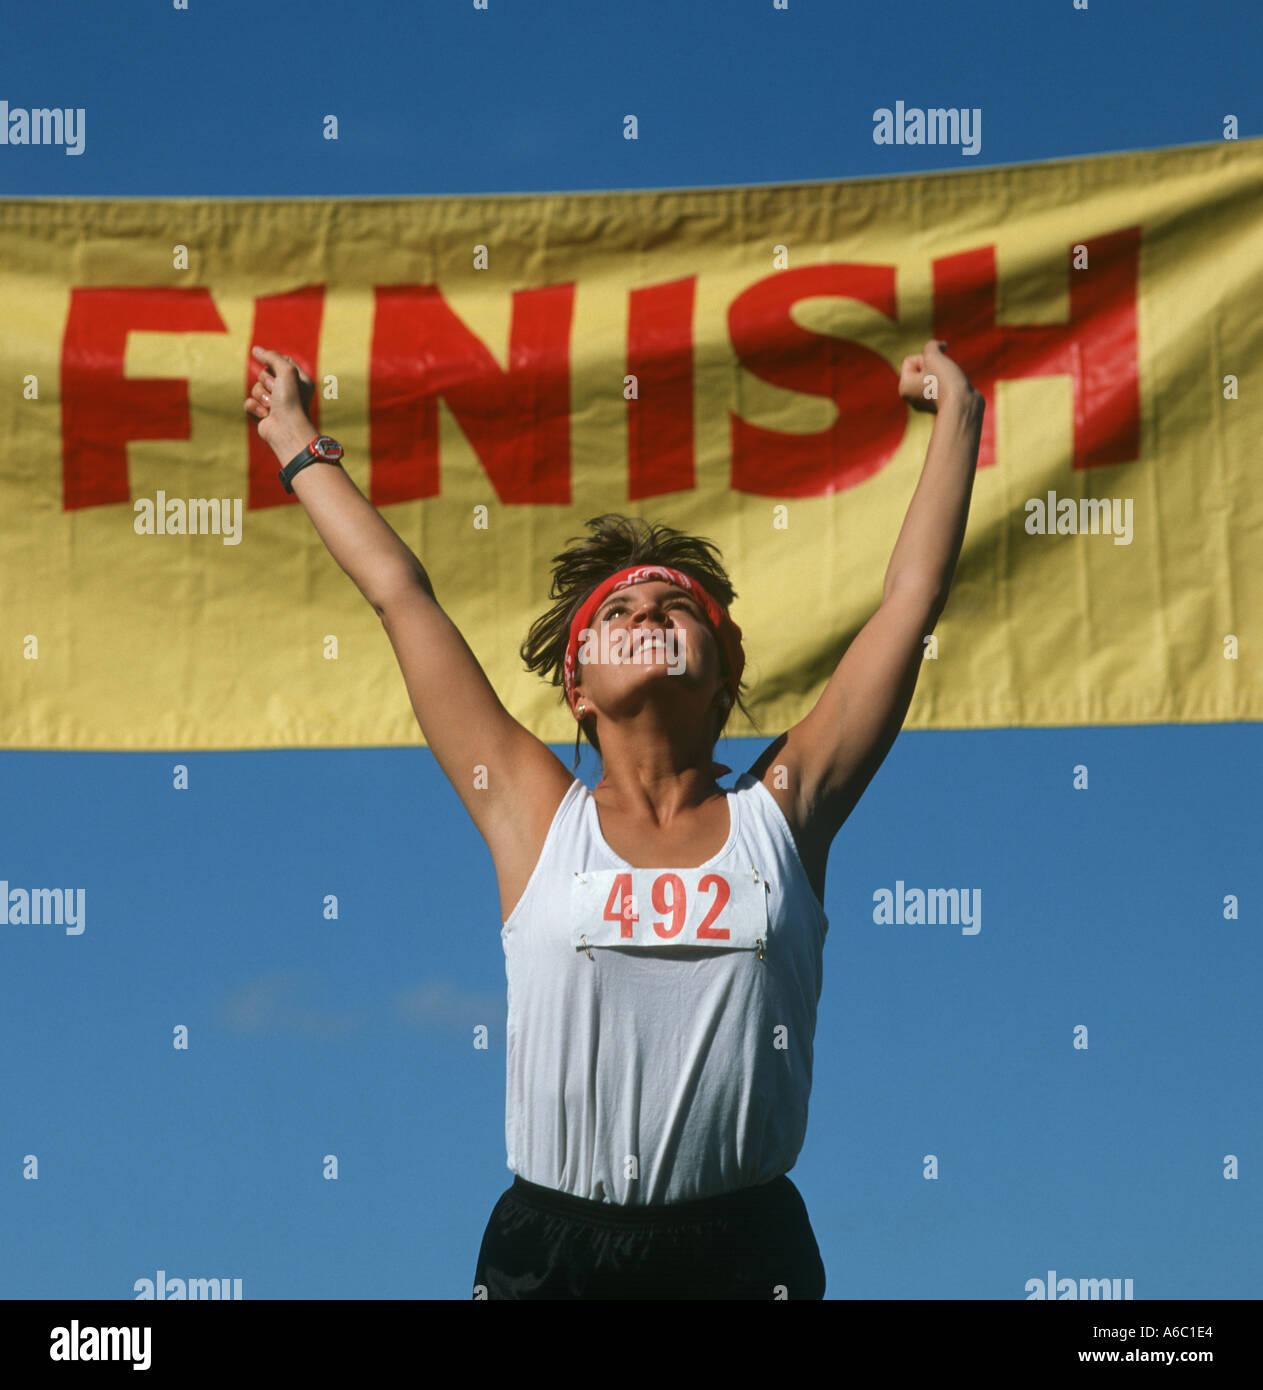 Track Winner: Female Runner Crossing Finish Line At Track Meet As Winner